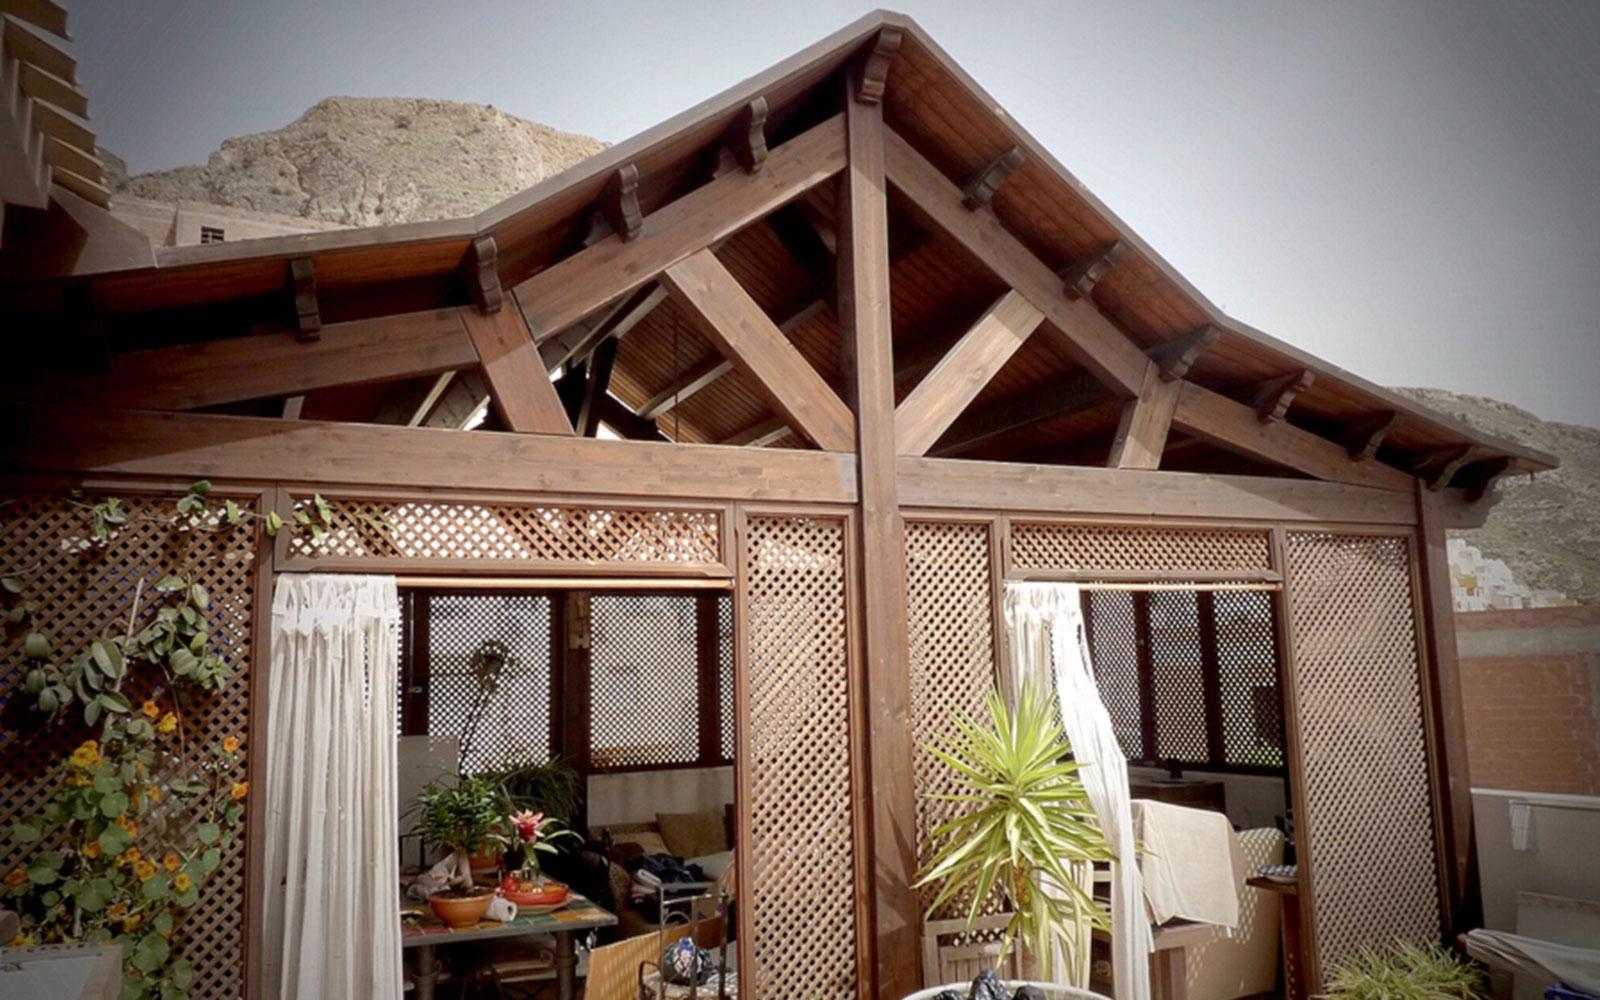 Porche de madera cerrado con celosia benoit roubaud - Ideas para decorar un porche cerrado ...